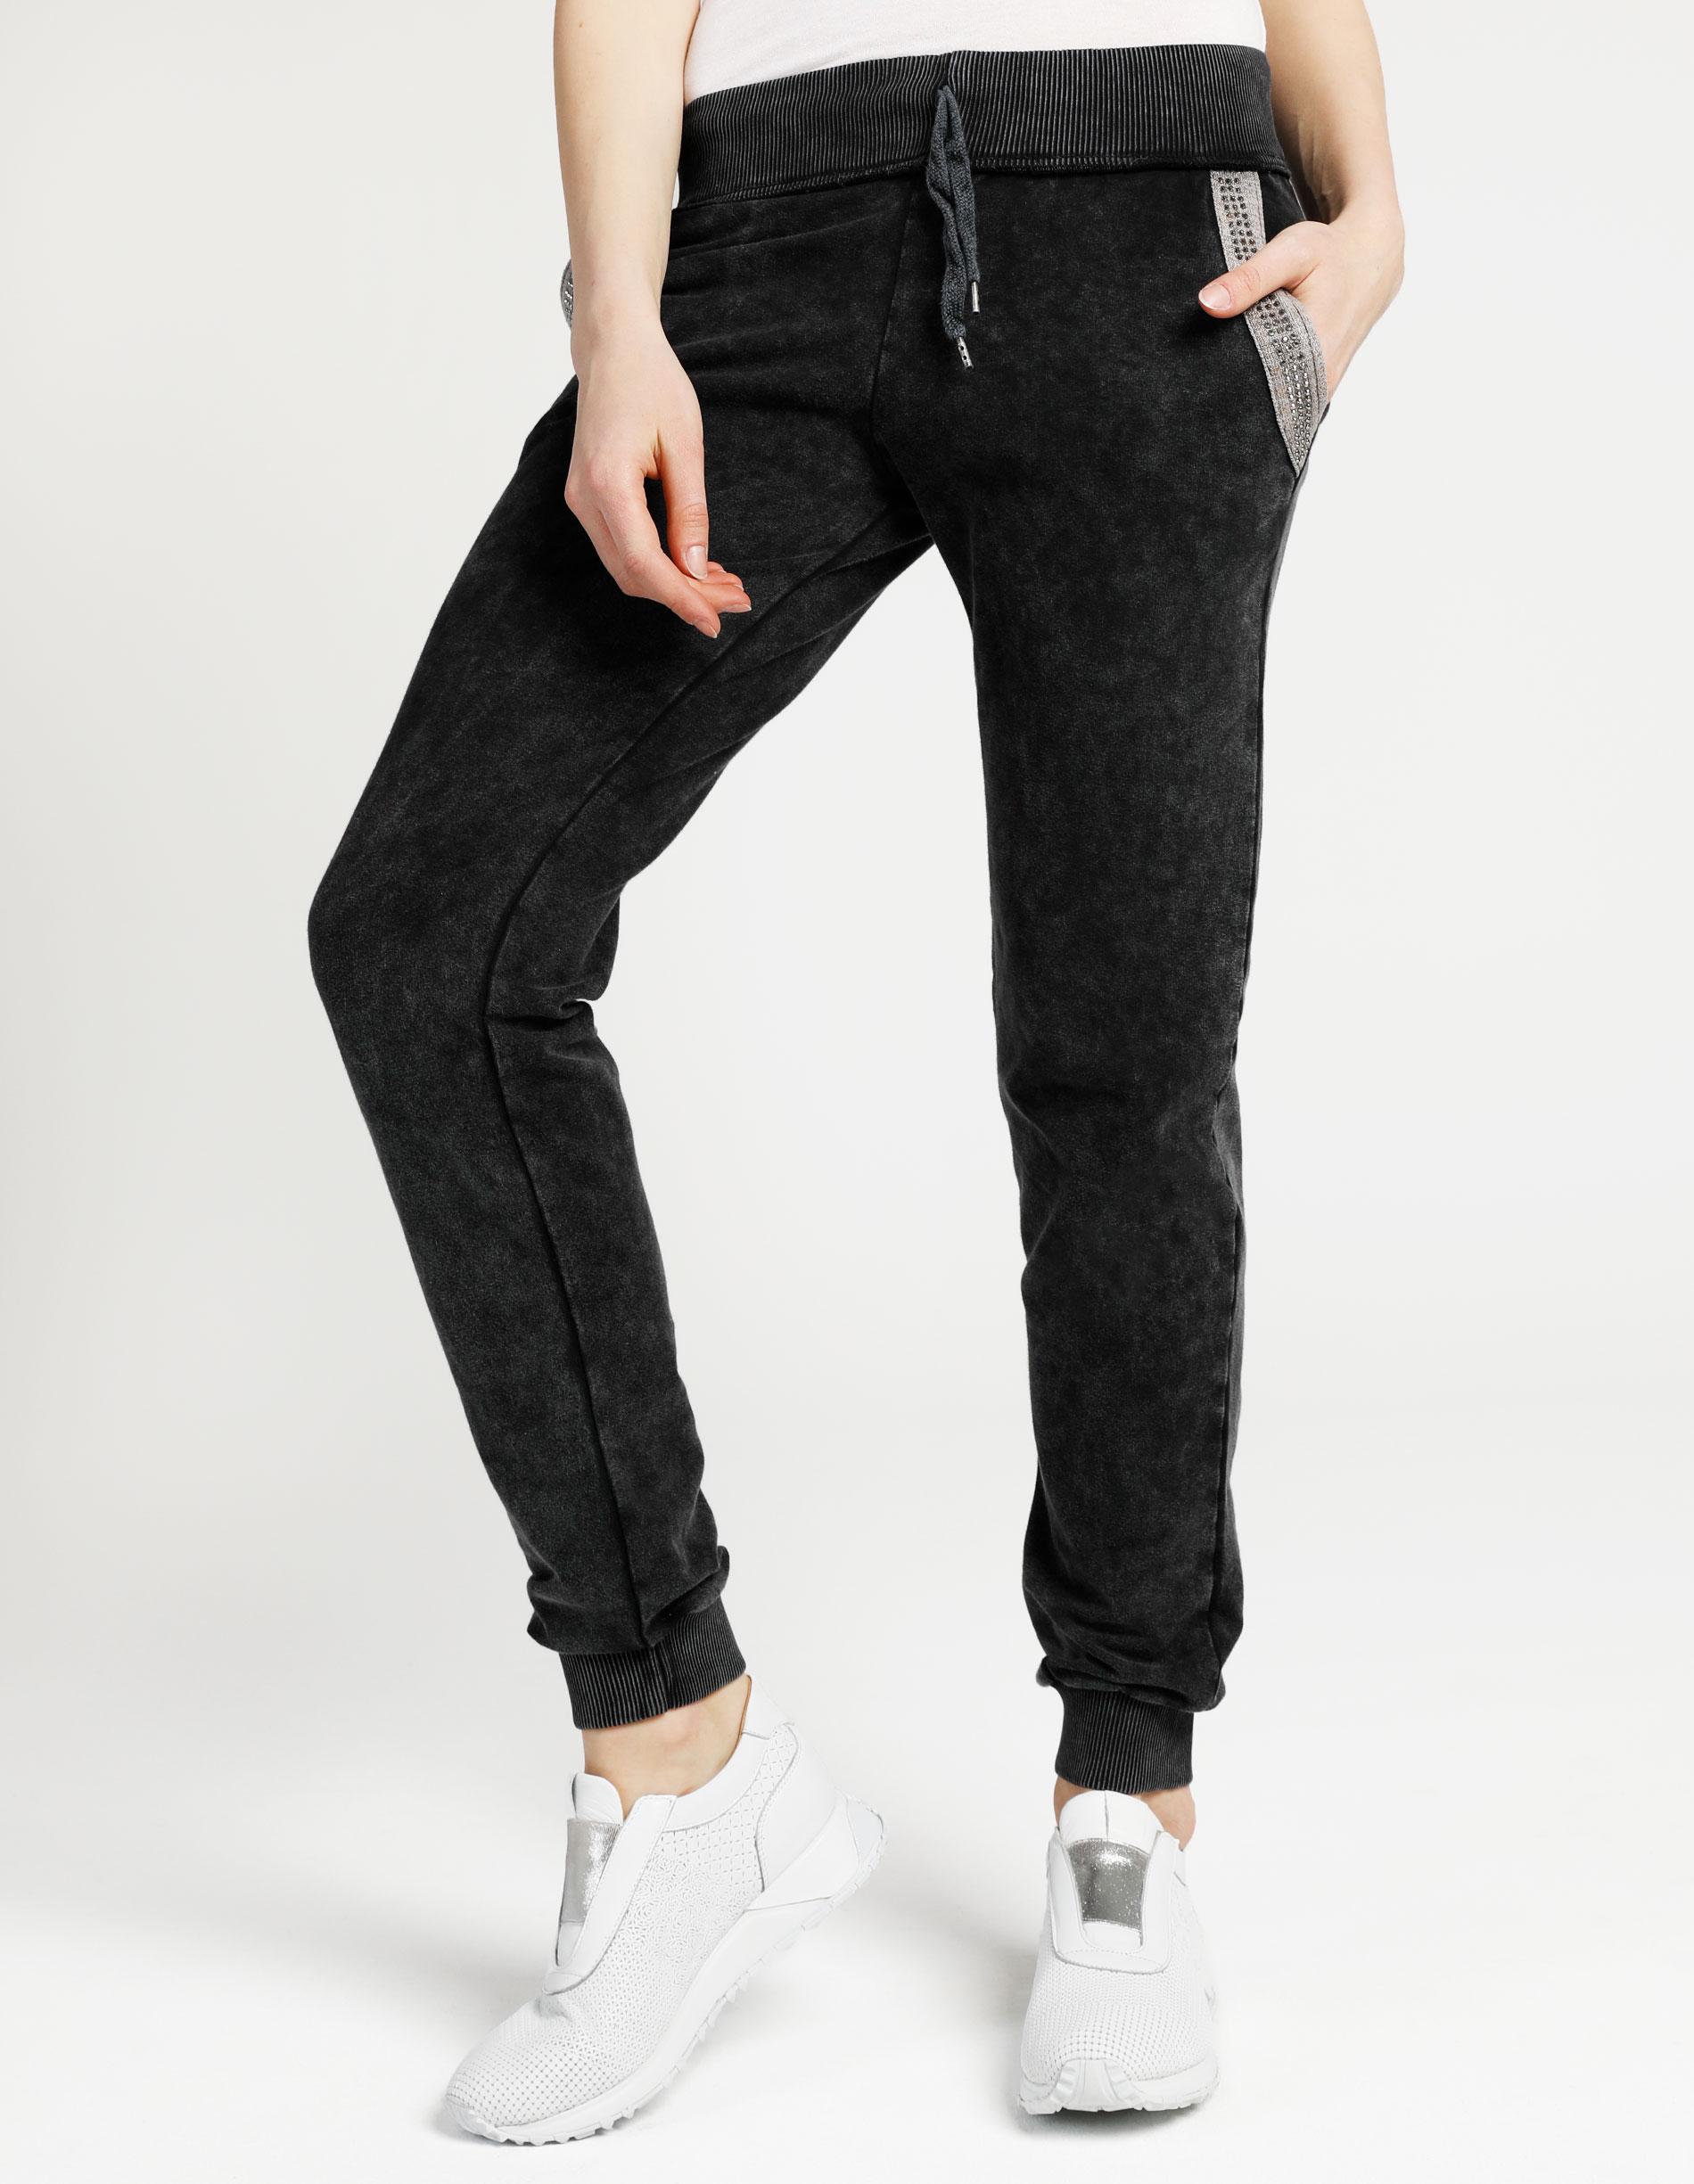 Spodnie - 4-8761-P BLAC - Unisono